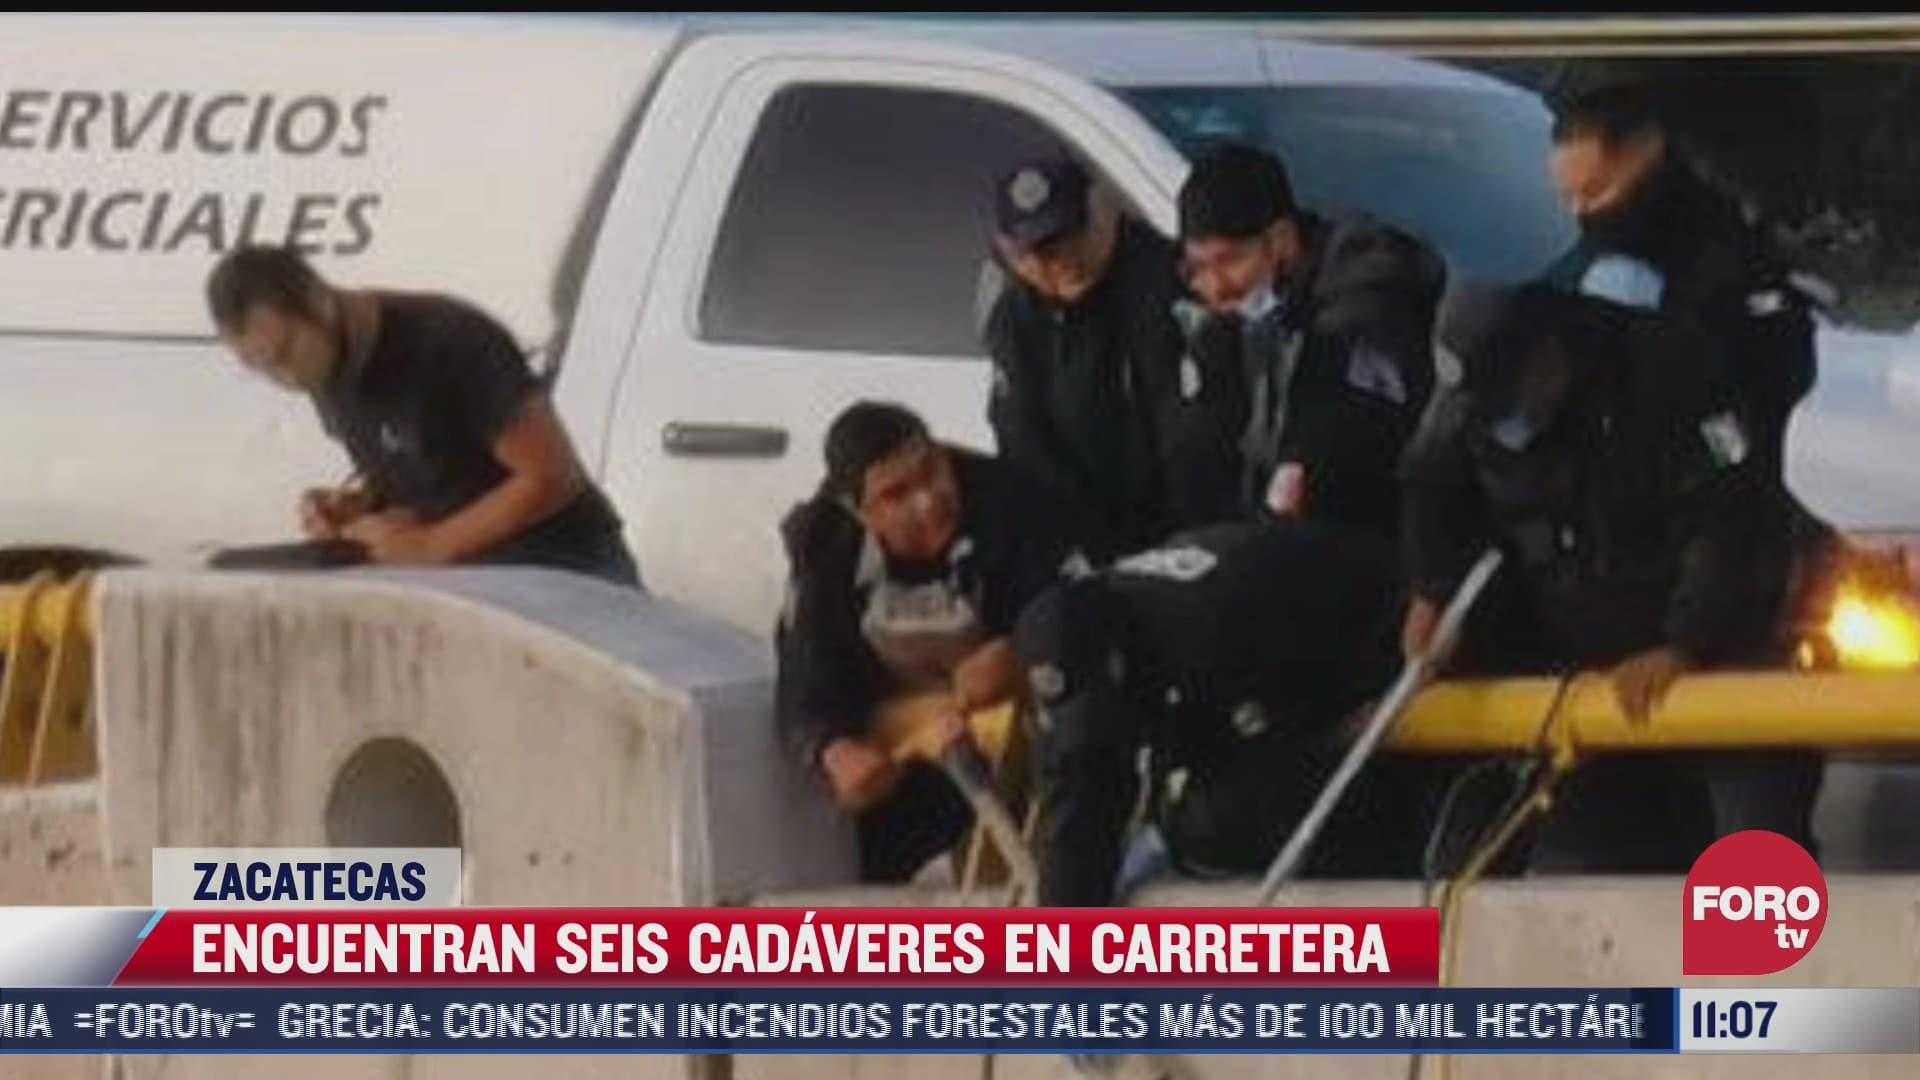 Encuentran seis cadáveres en carretera de Zacatecas